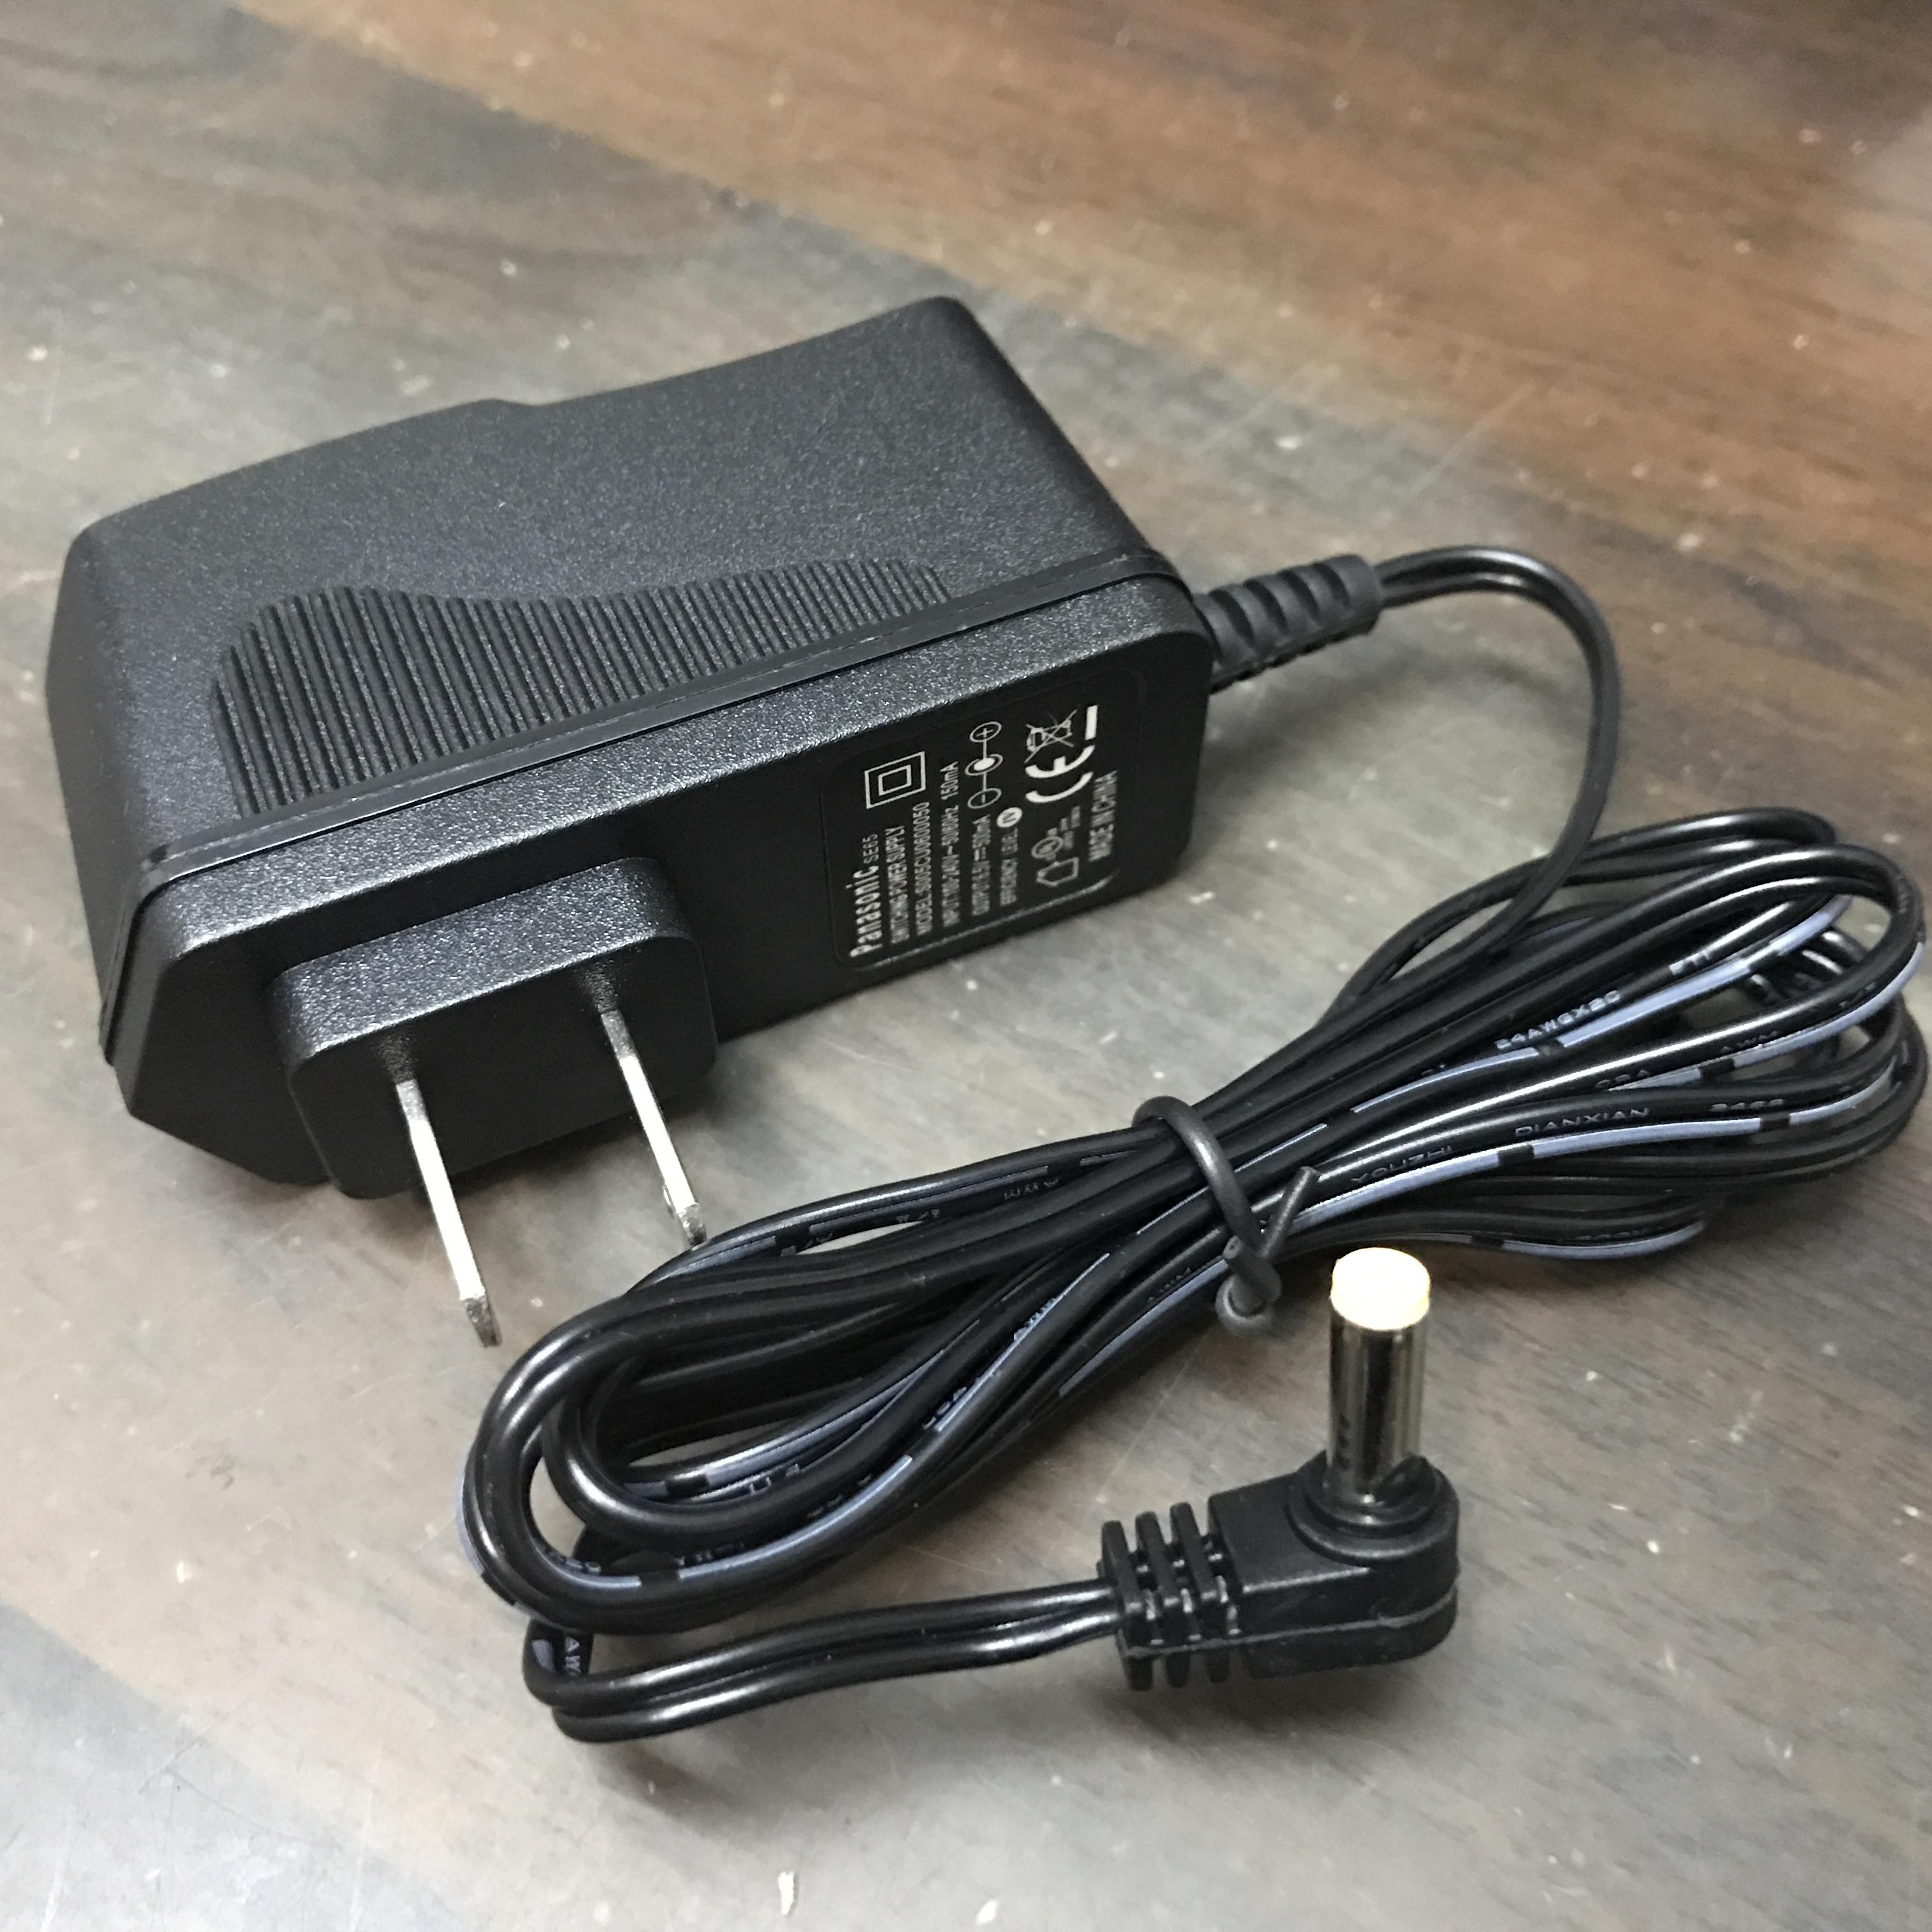 松下无绳电话机子母机电源适配器SE65 100-240V 6.5V 500mA充电器